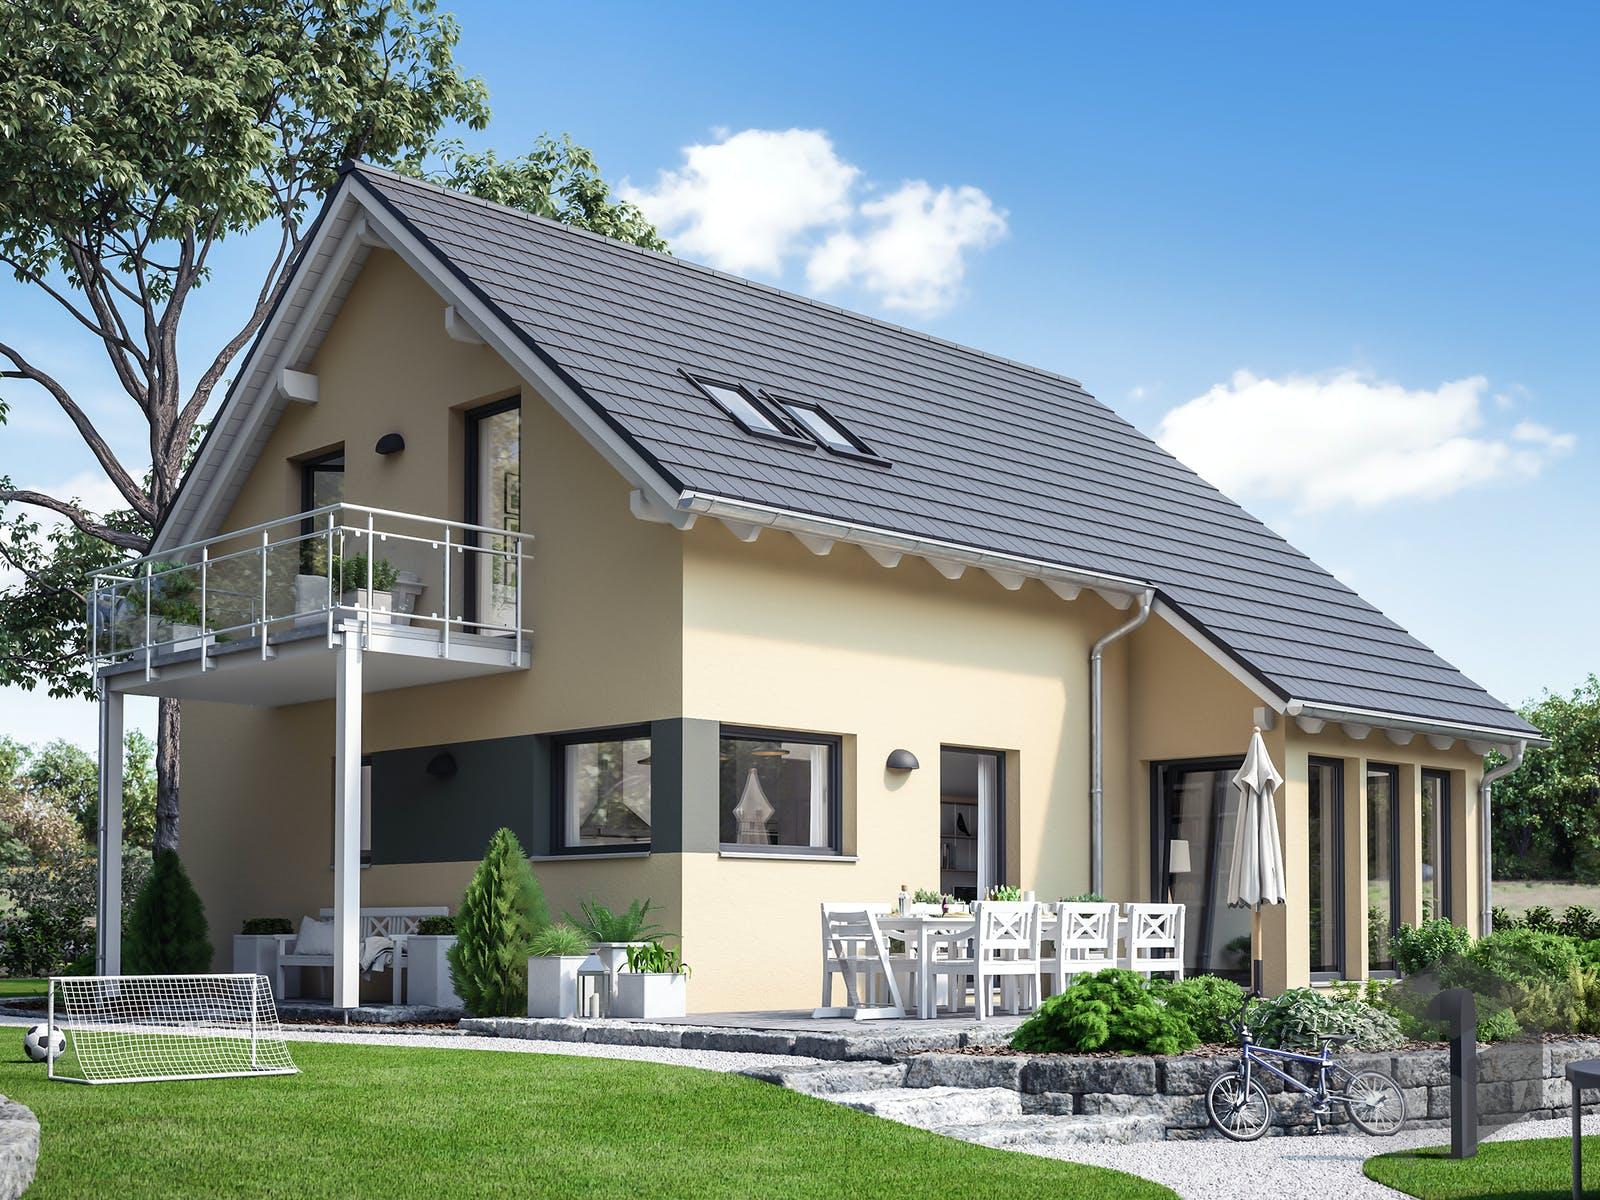 sunshine 125 v2 von living haus. Black Bedroom Furniture Sets. Home Design Ideas